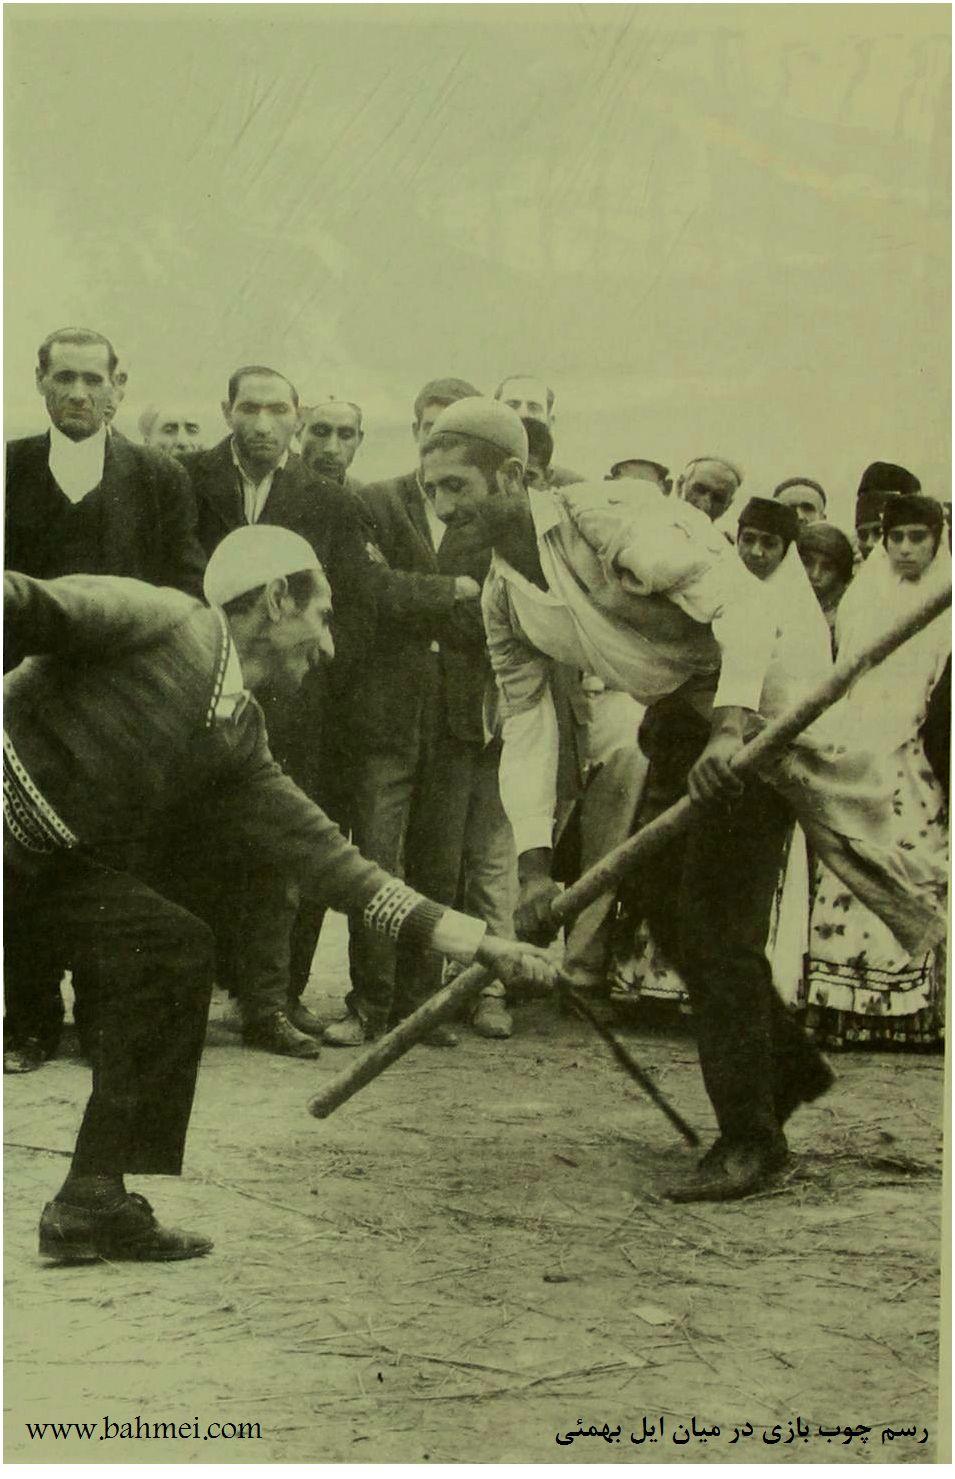 رسم چوب بازی در ایل بهمئی